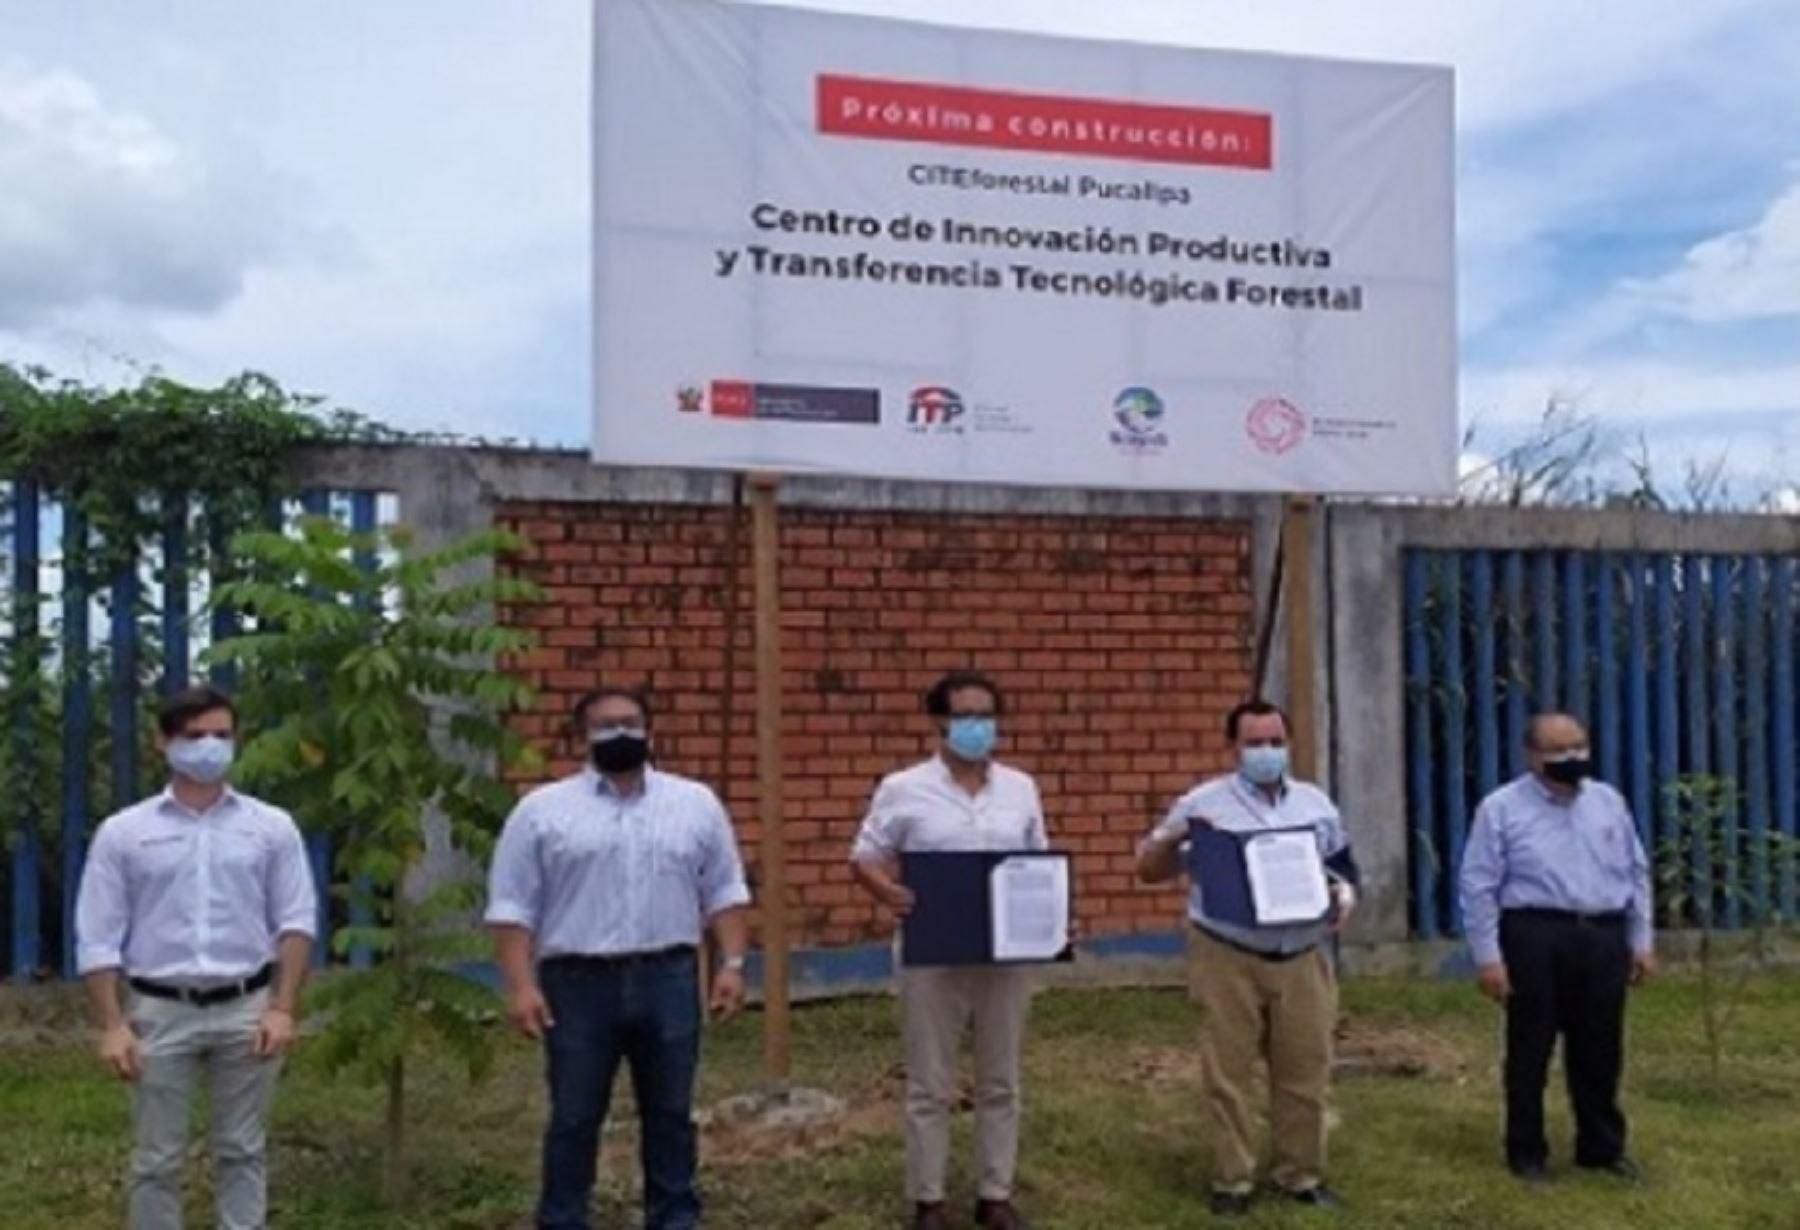 El ministro de la Producción, José Luis Chicoma y el Director Ejecutivo del ITP, Sergio Rodríguez participaron en la entrega simbólica a nombre del Ministerio de Educación del predio para la construcción del nuevo y moderno CITE Forestal Pucallpa.